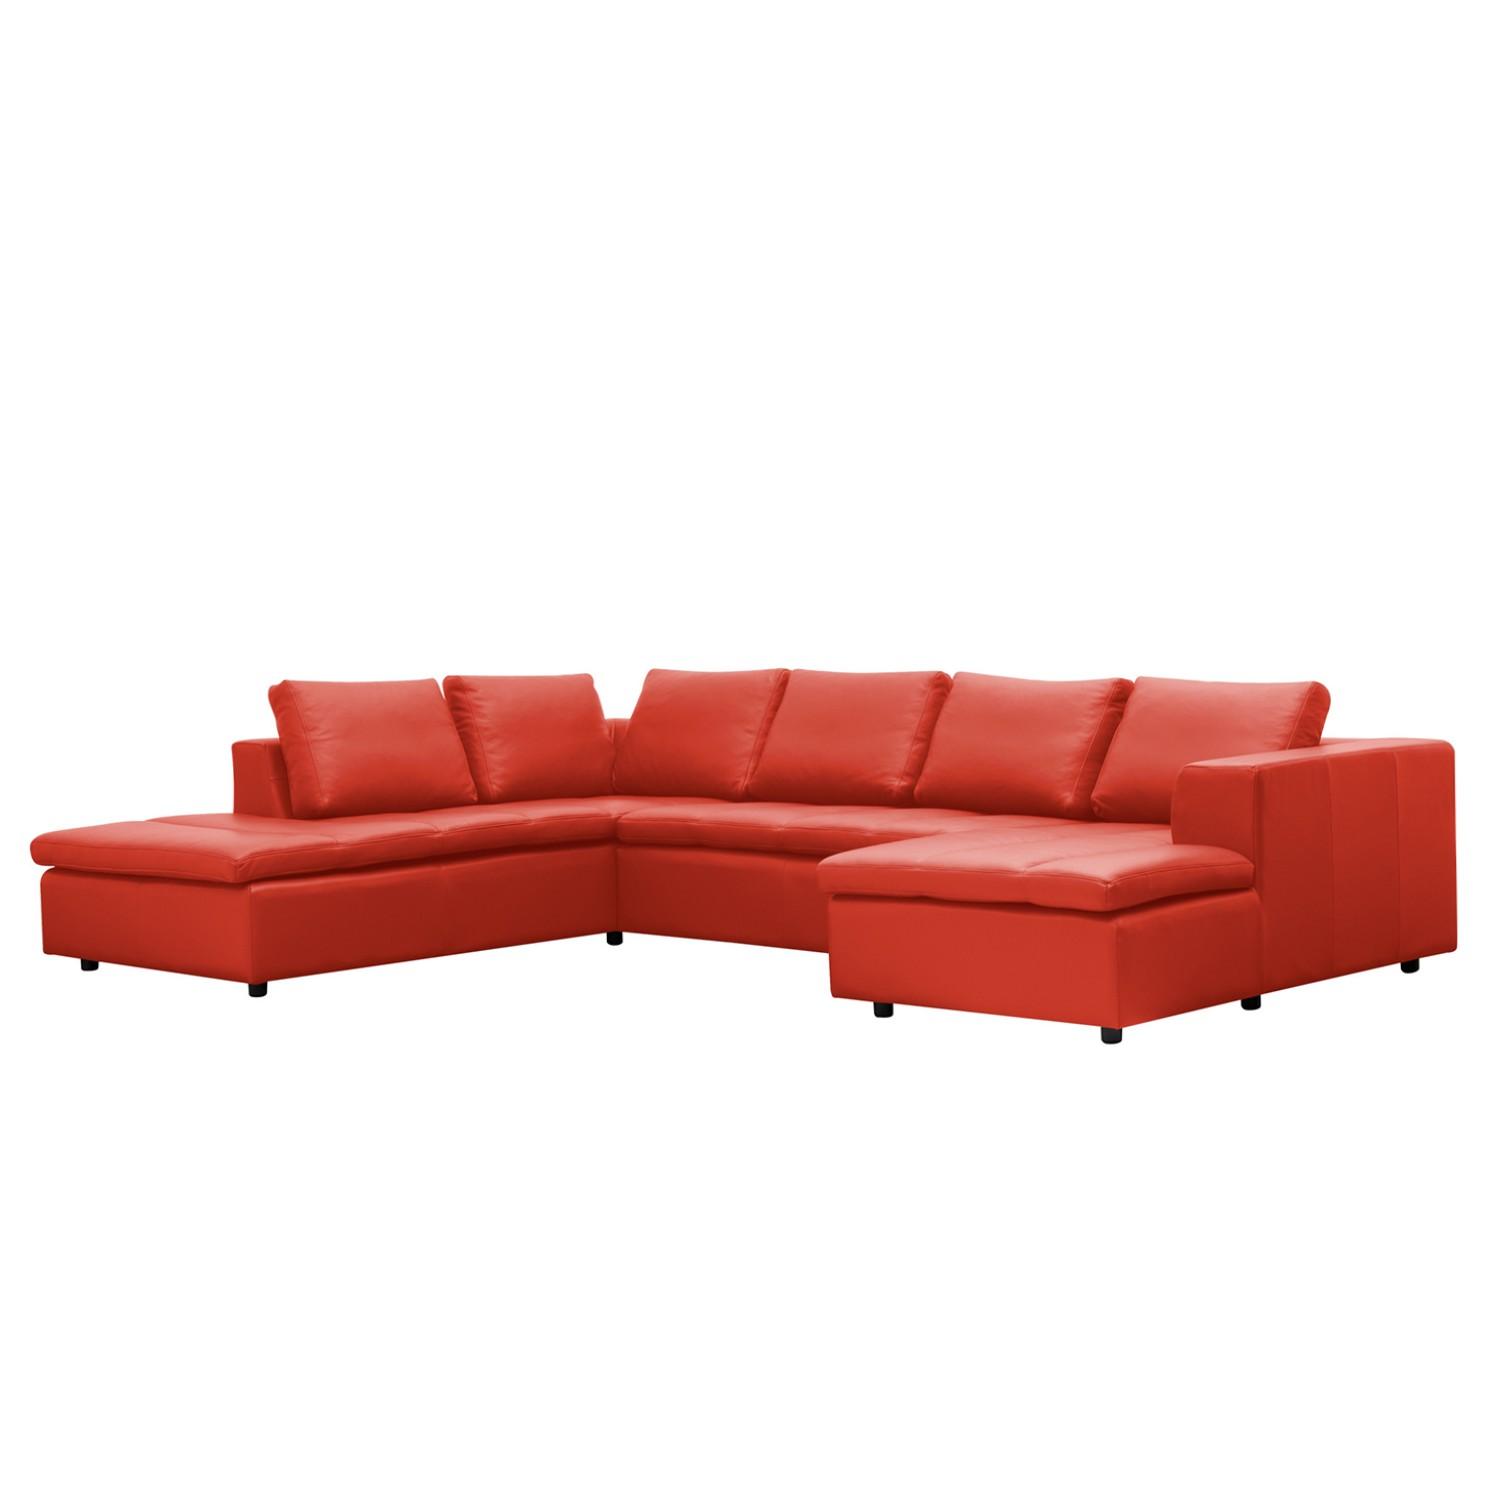 m bel preisvergleich sofas und wohnen seite 15. Black Bedroom Furniture Sets. Home Design Ideas